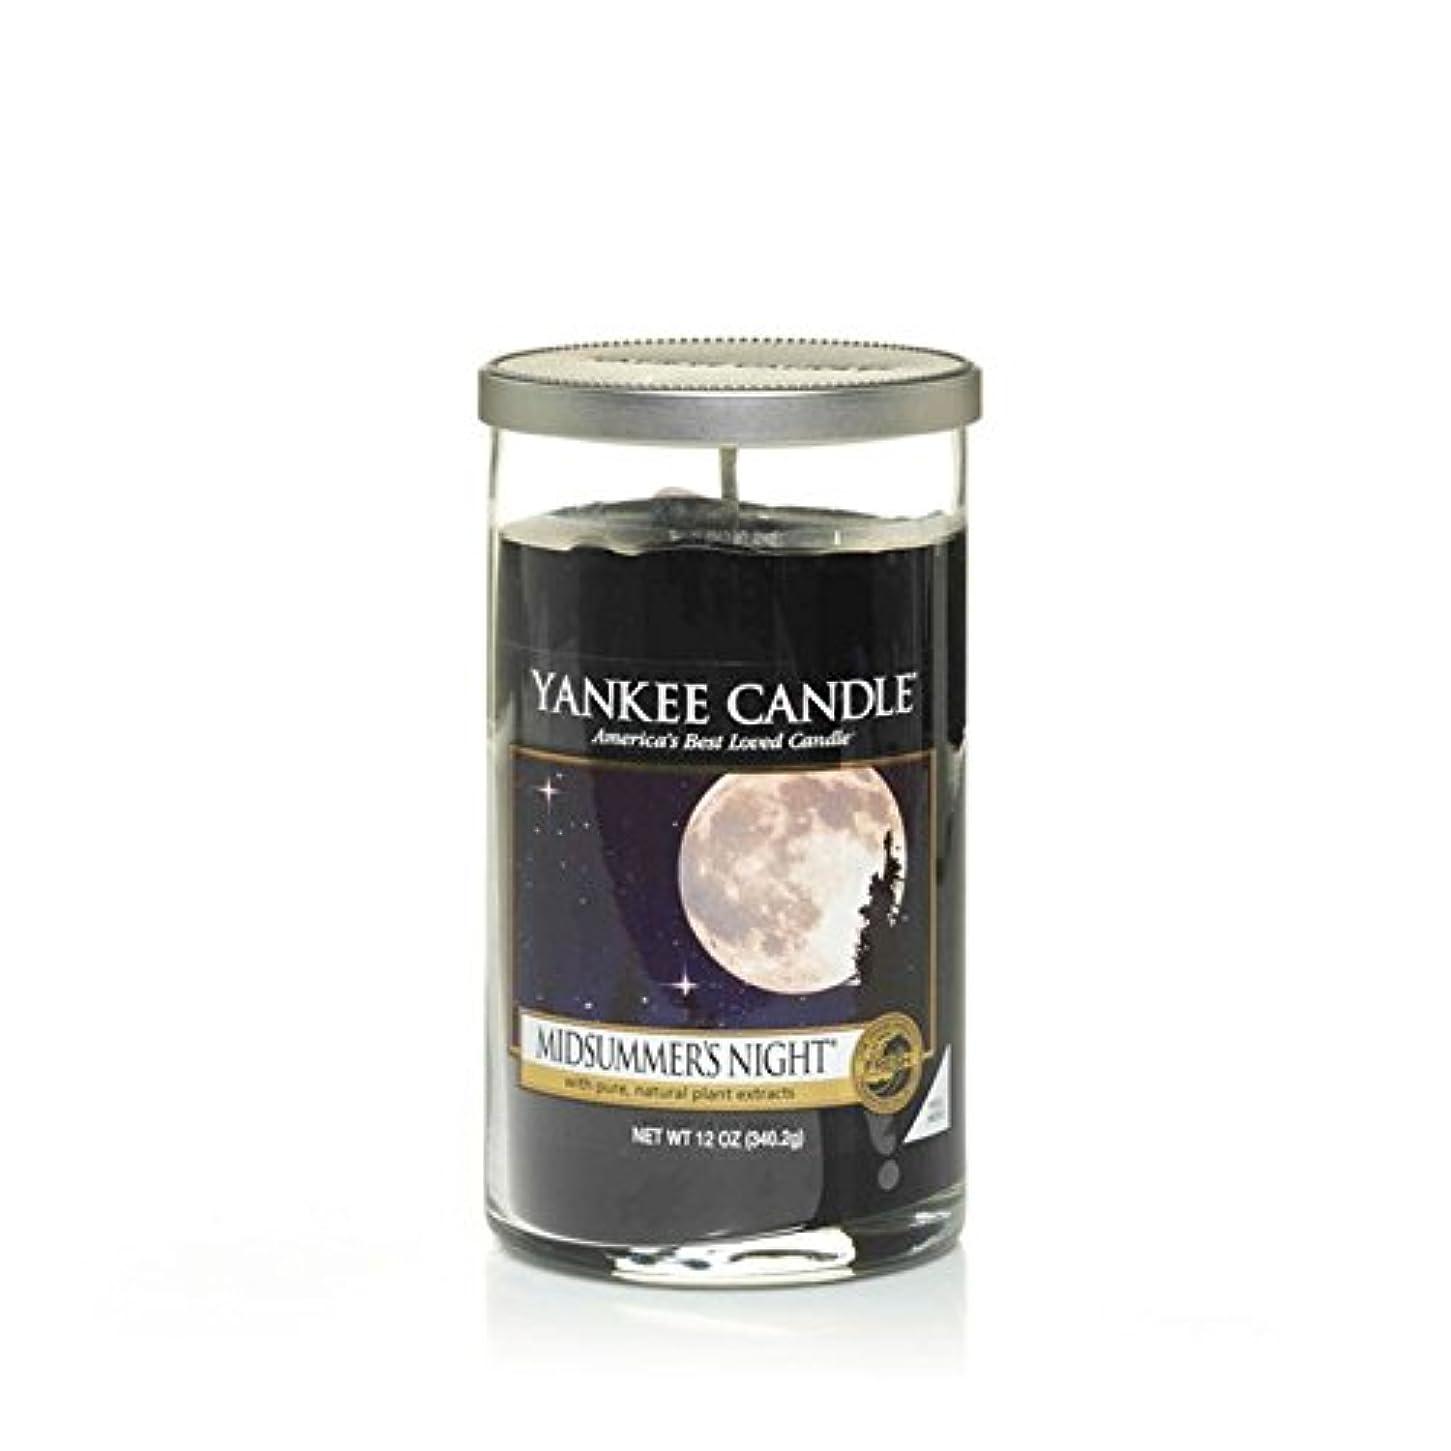 ルールアクチュエータ本を読むヤンキーキャンドルメディアピラーキャンドル - Midsummersの夜 - Yankee Candles Medium Pillar Candle - Midsummers Night (Yankee Candles)...